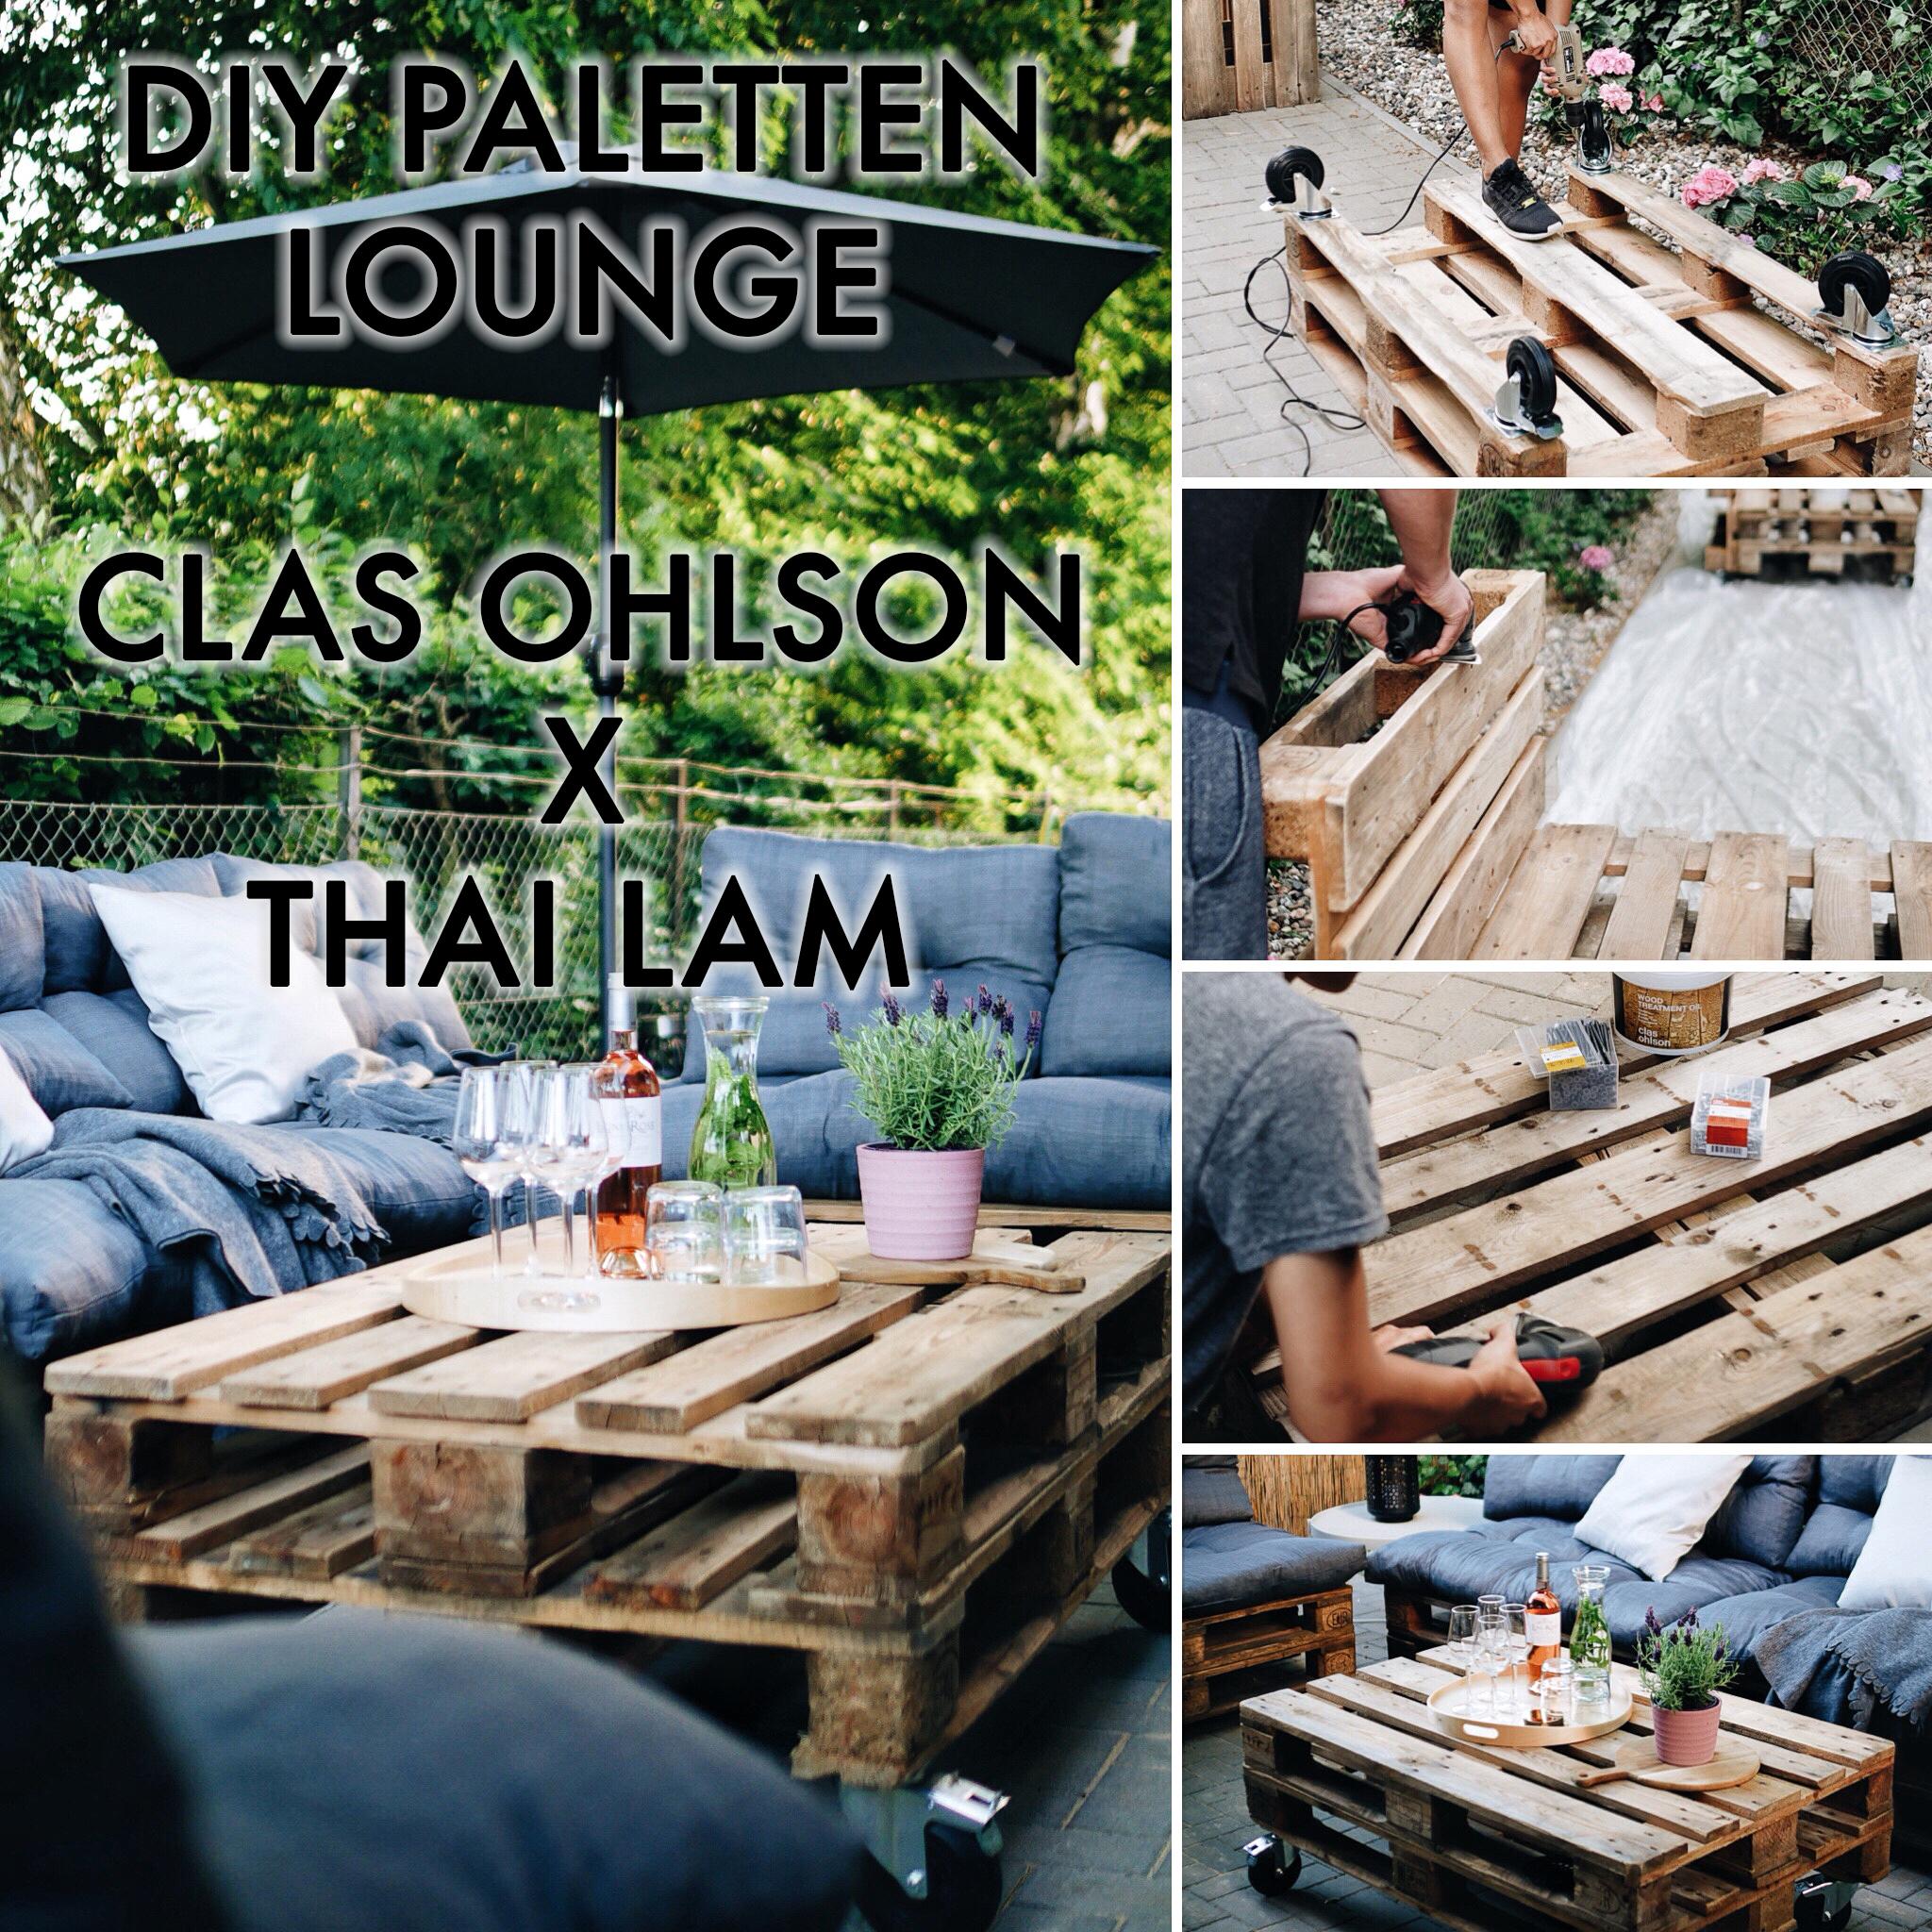 Thai Lam Blog Paletten Lounge Diy Clas Ohlson Thai Lam